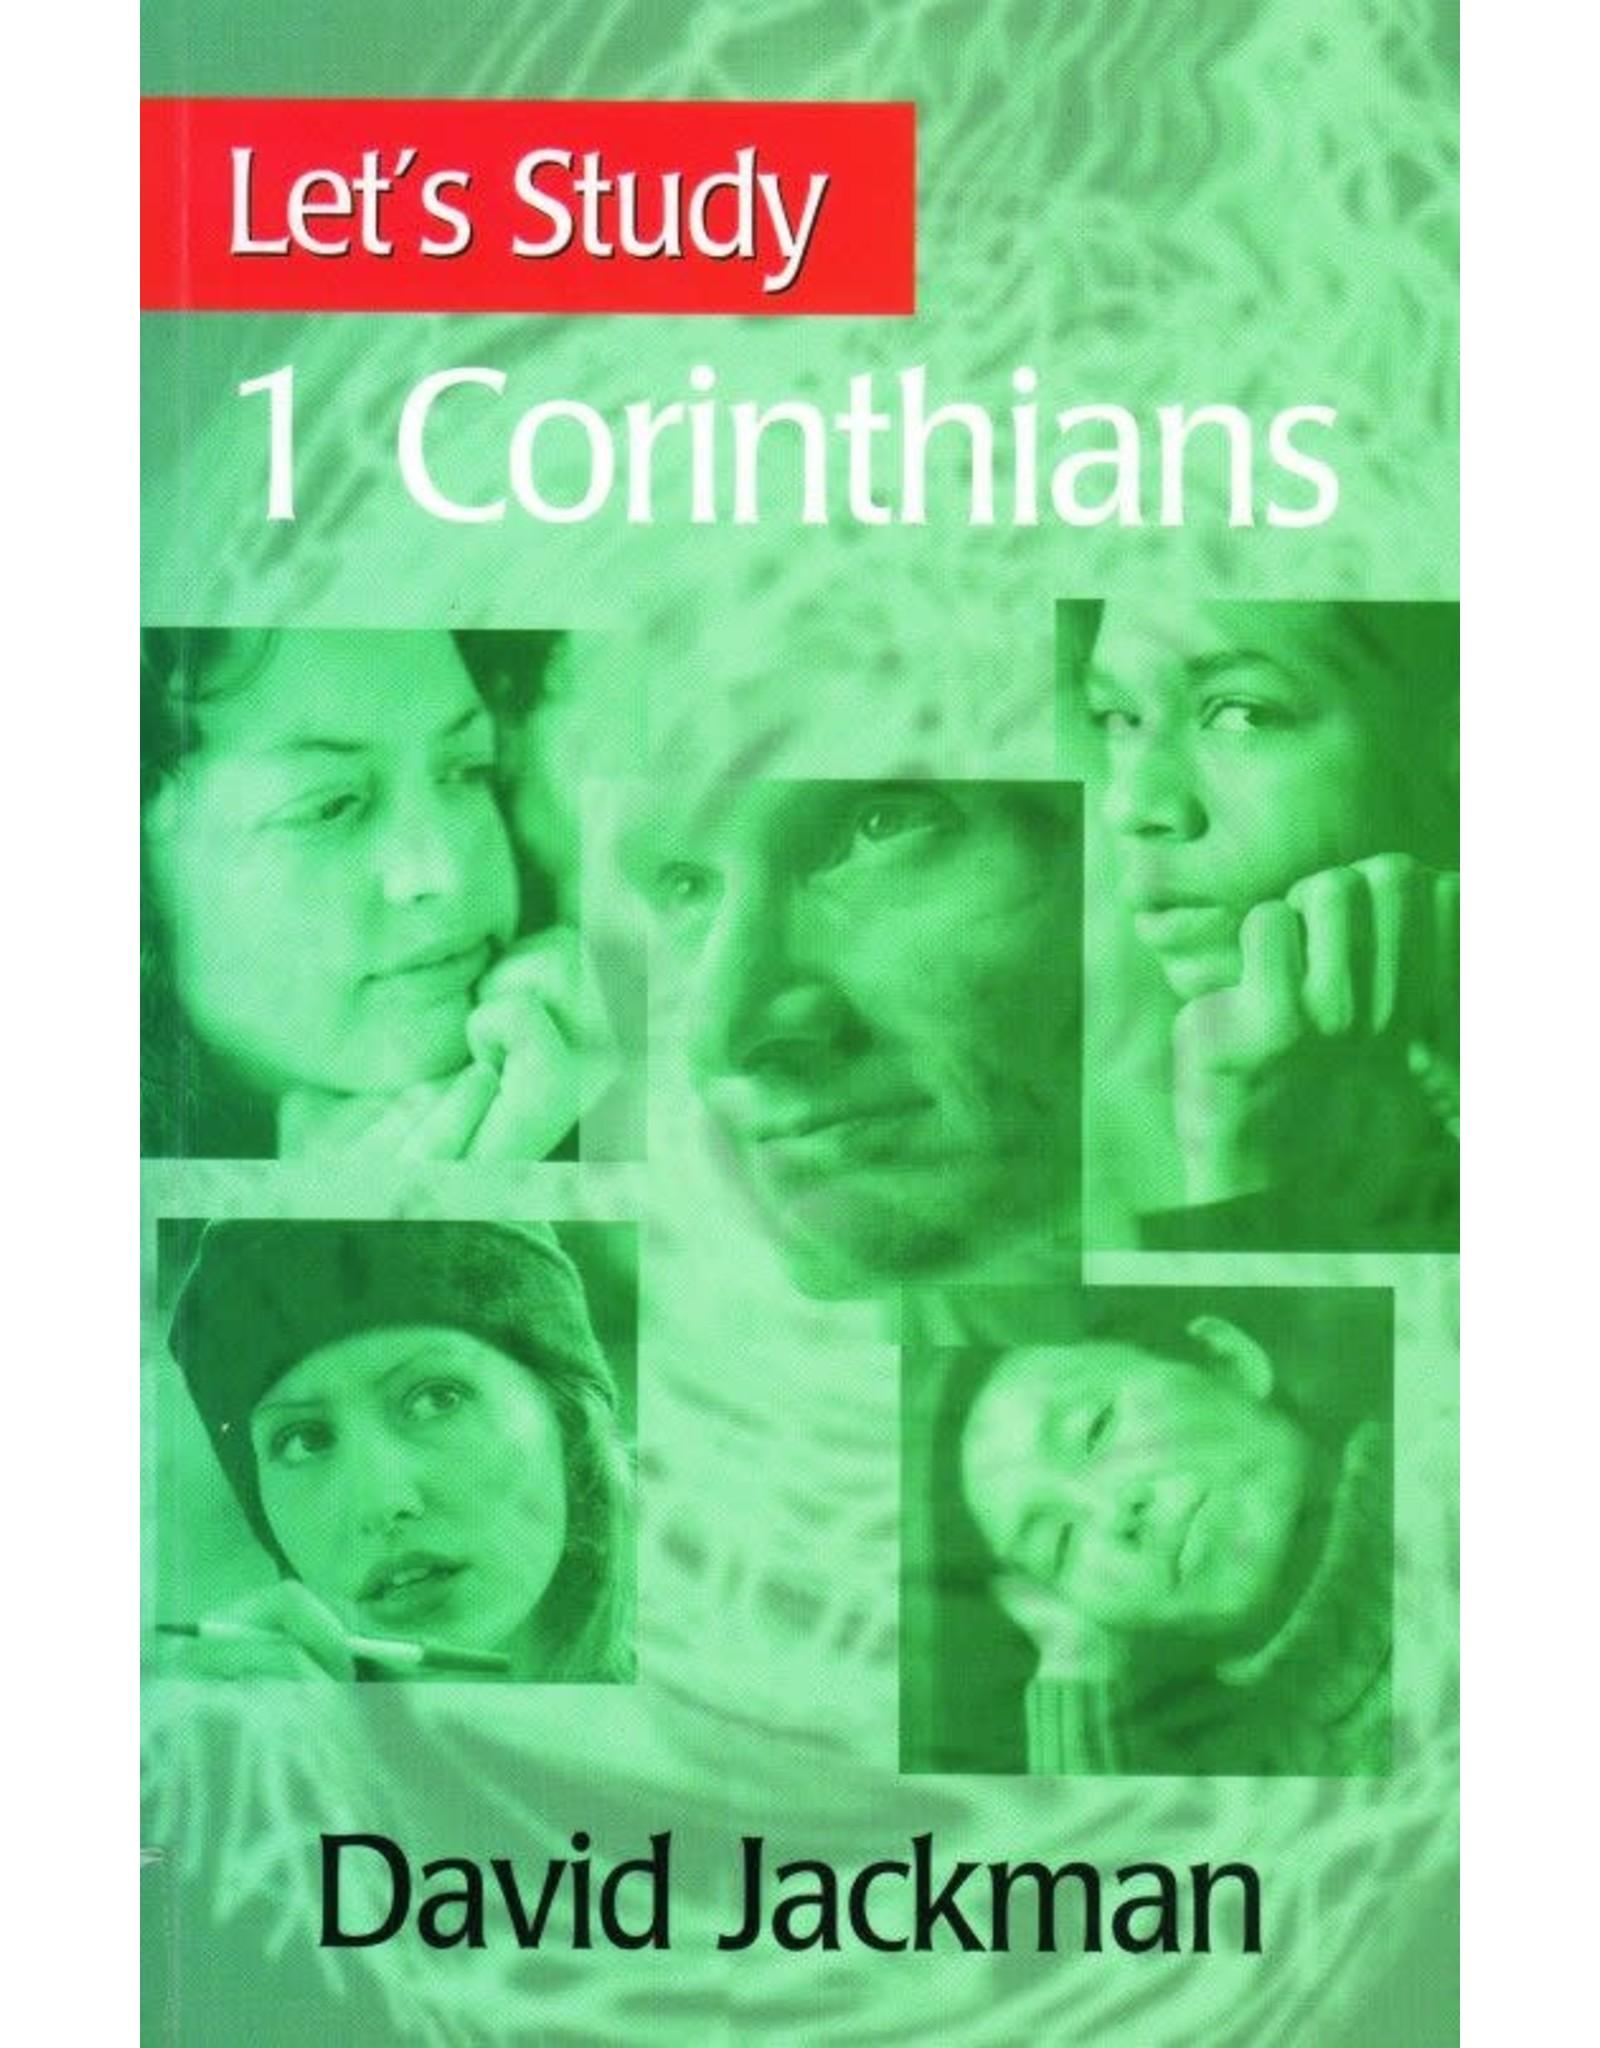 Jackman Let's Study 1 Corinthians